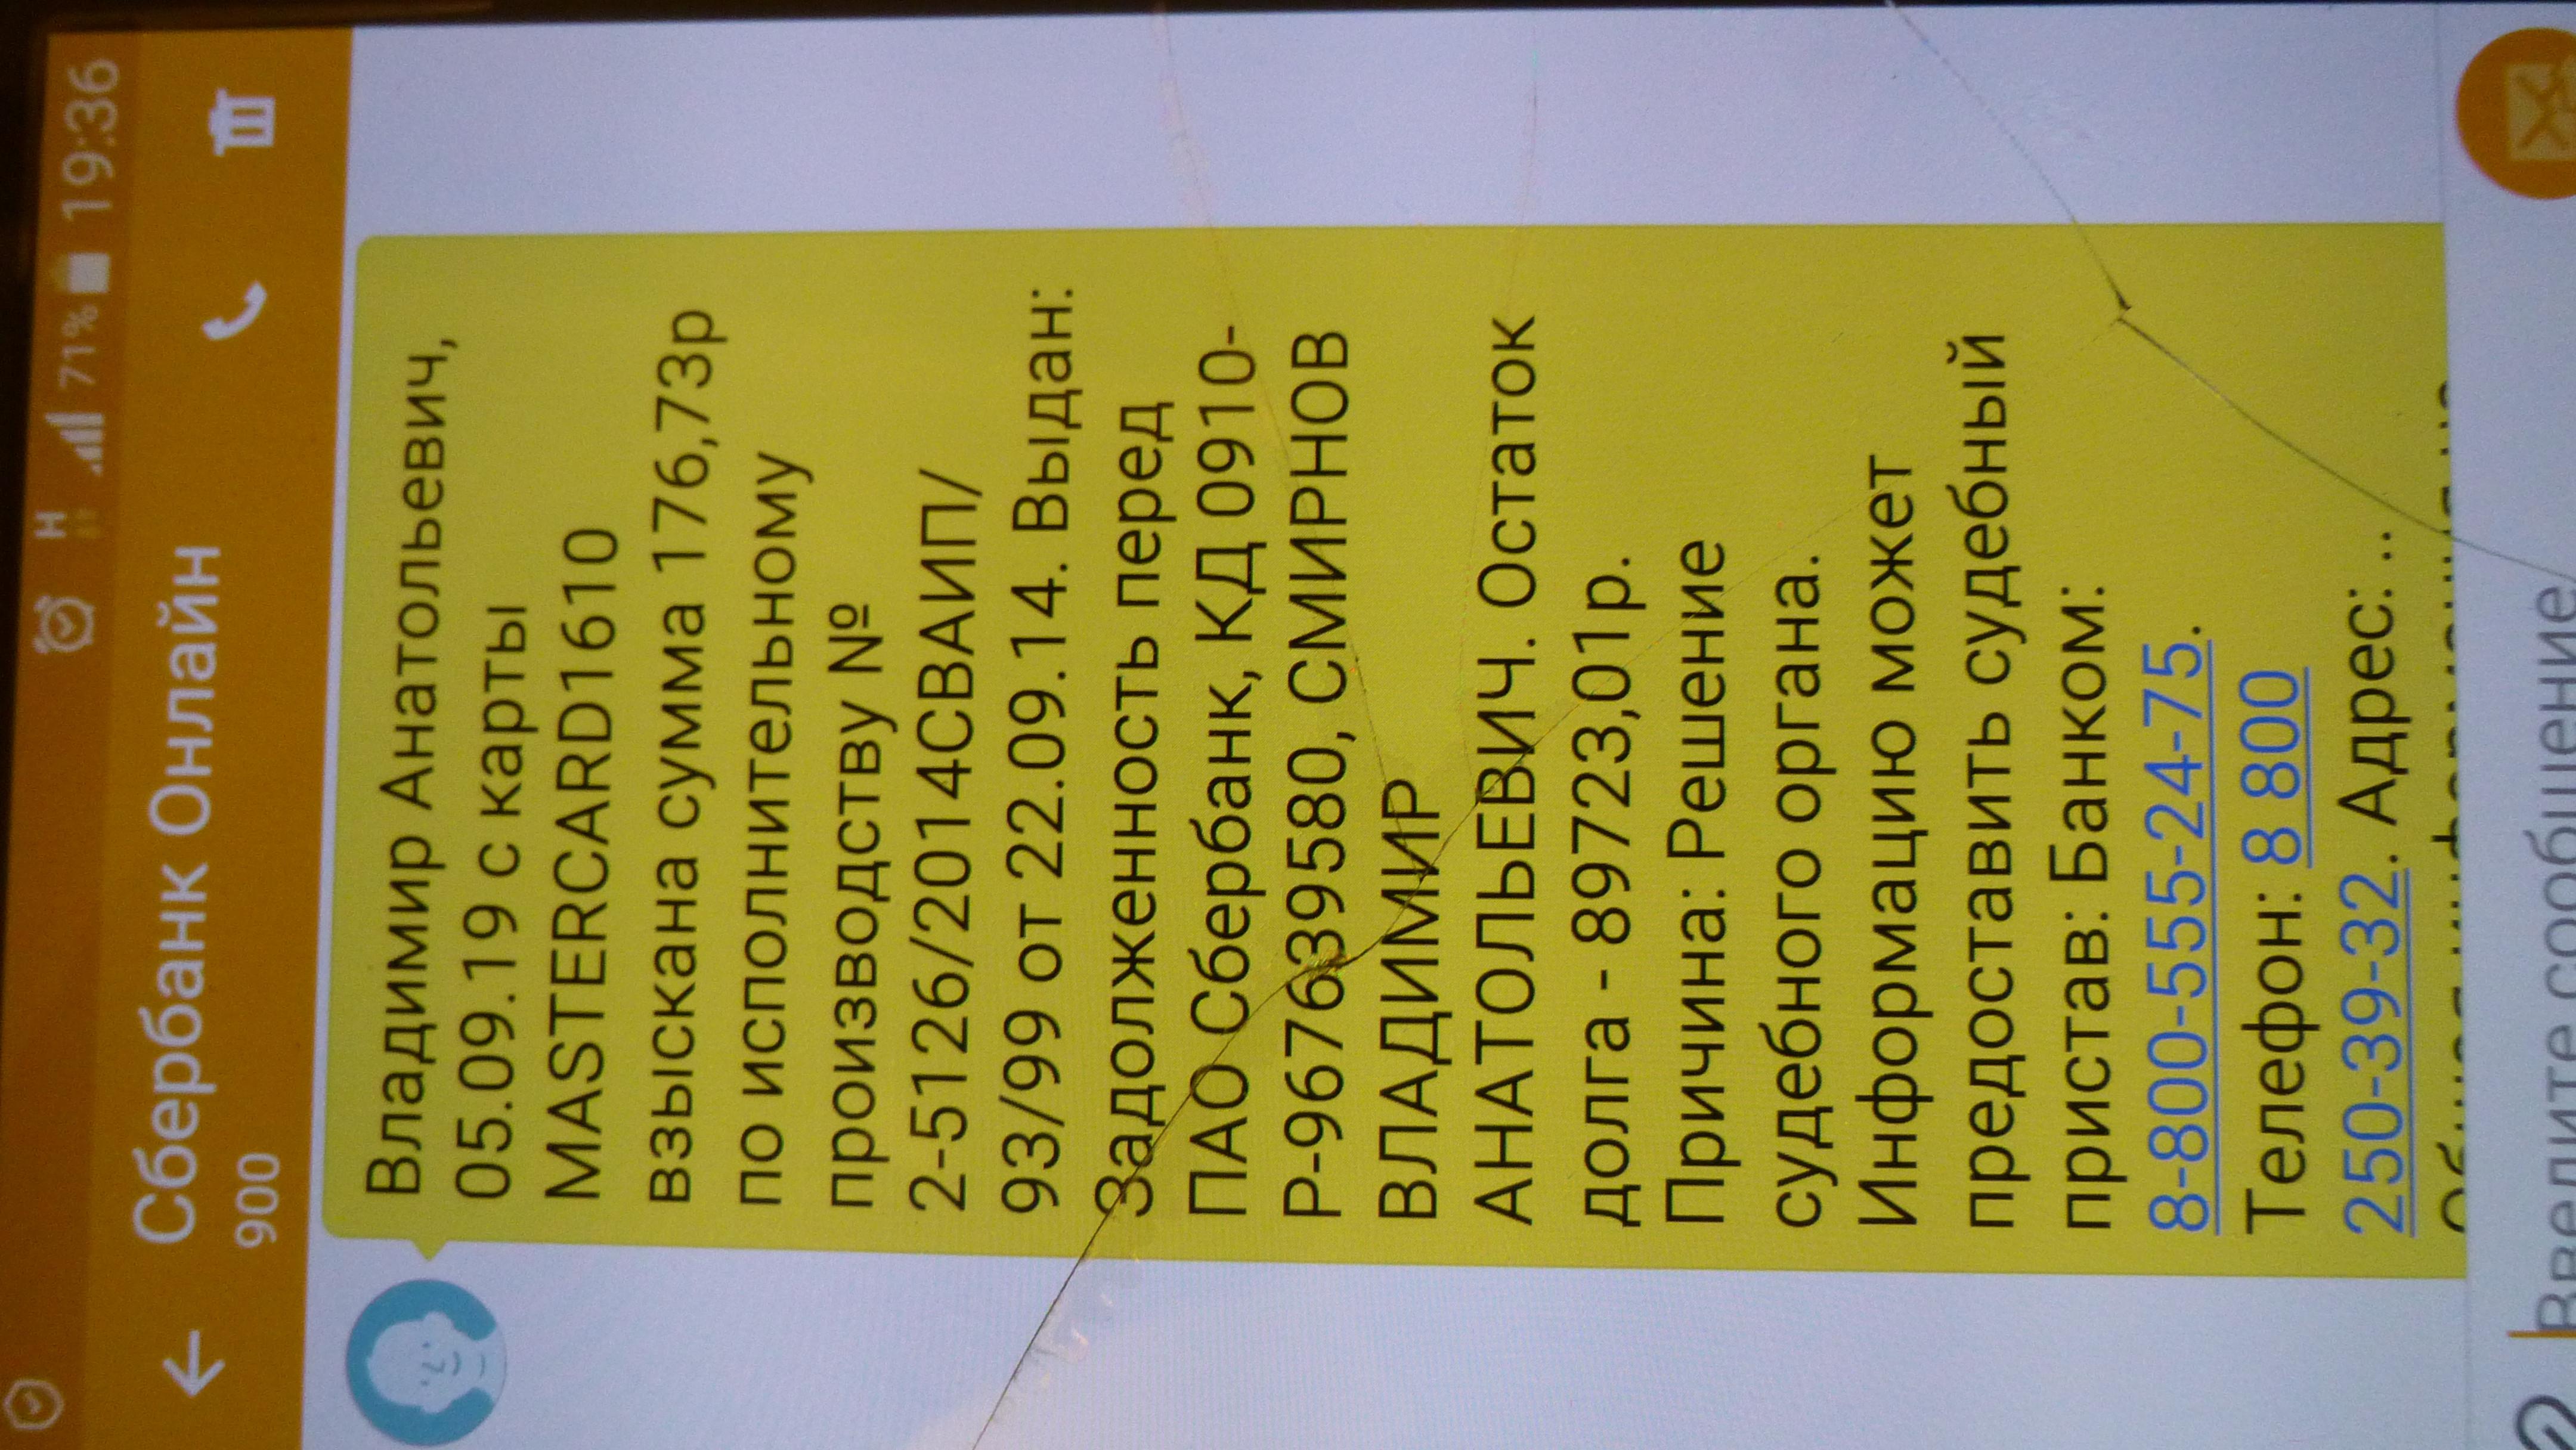 пао сбербанк официальный сайт адреса